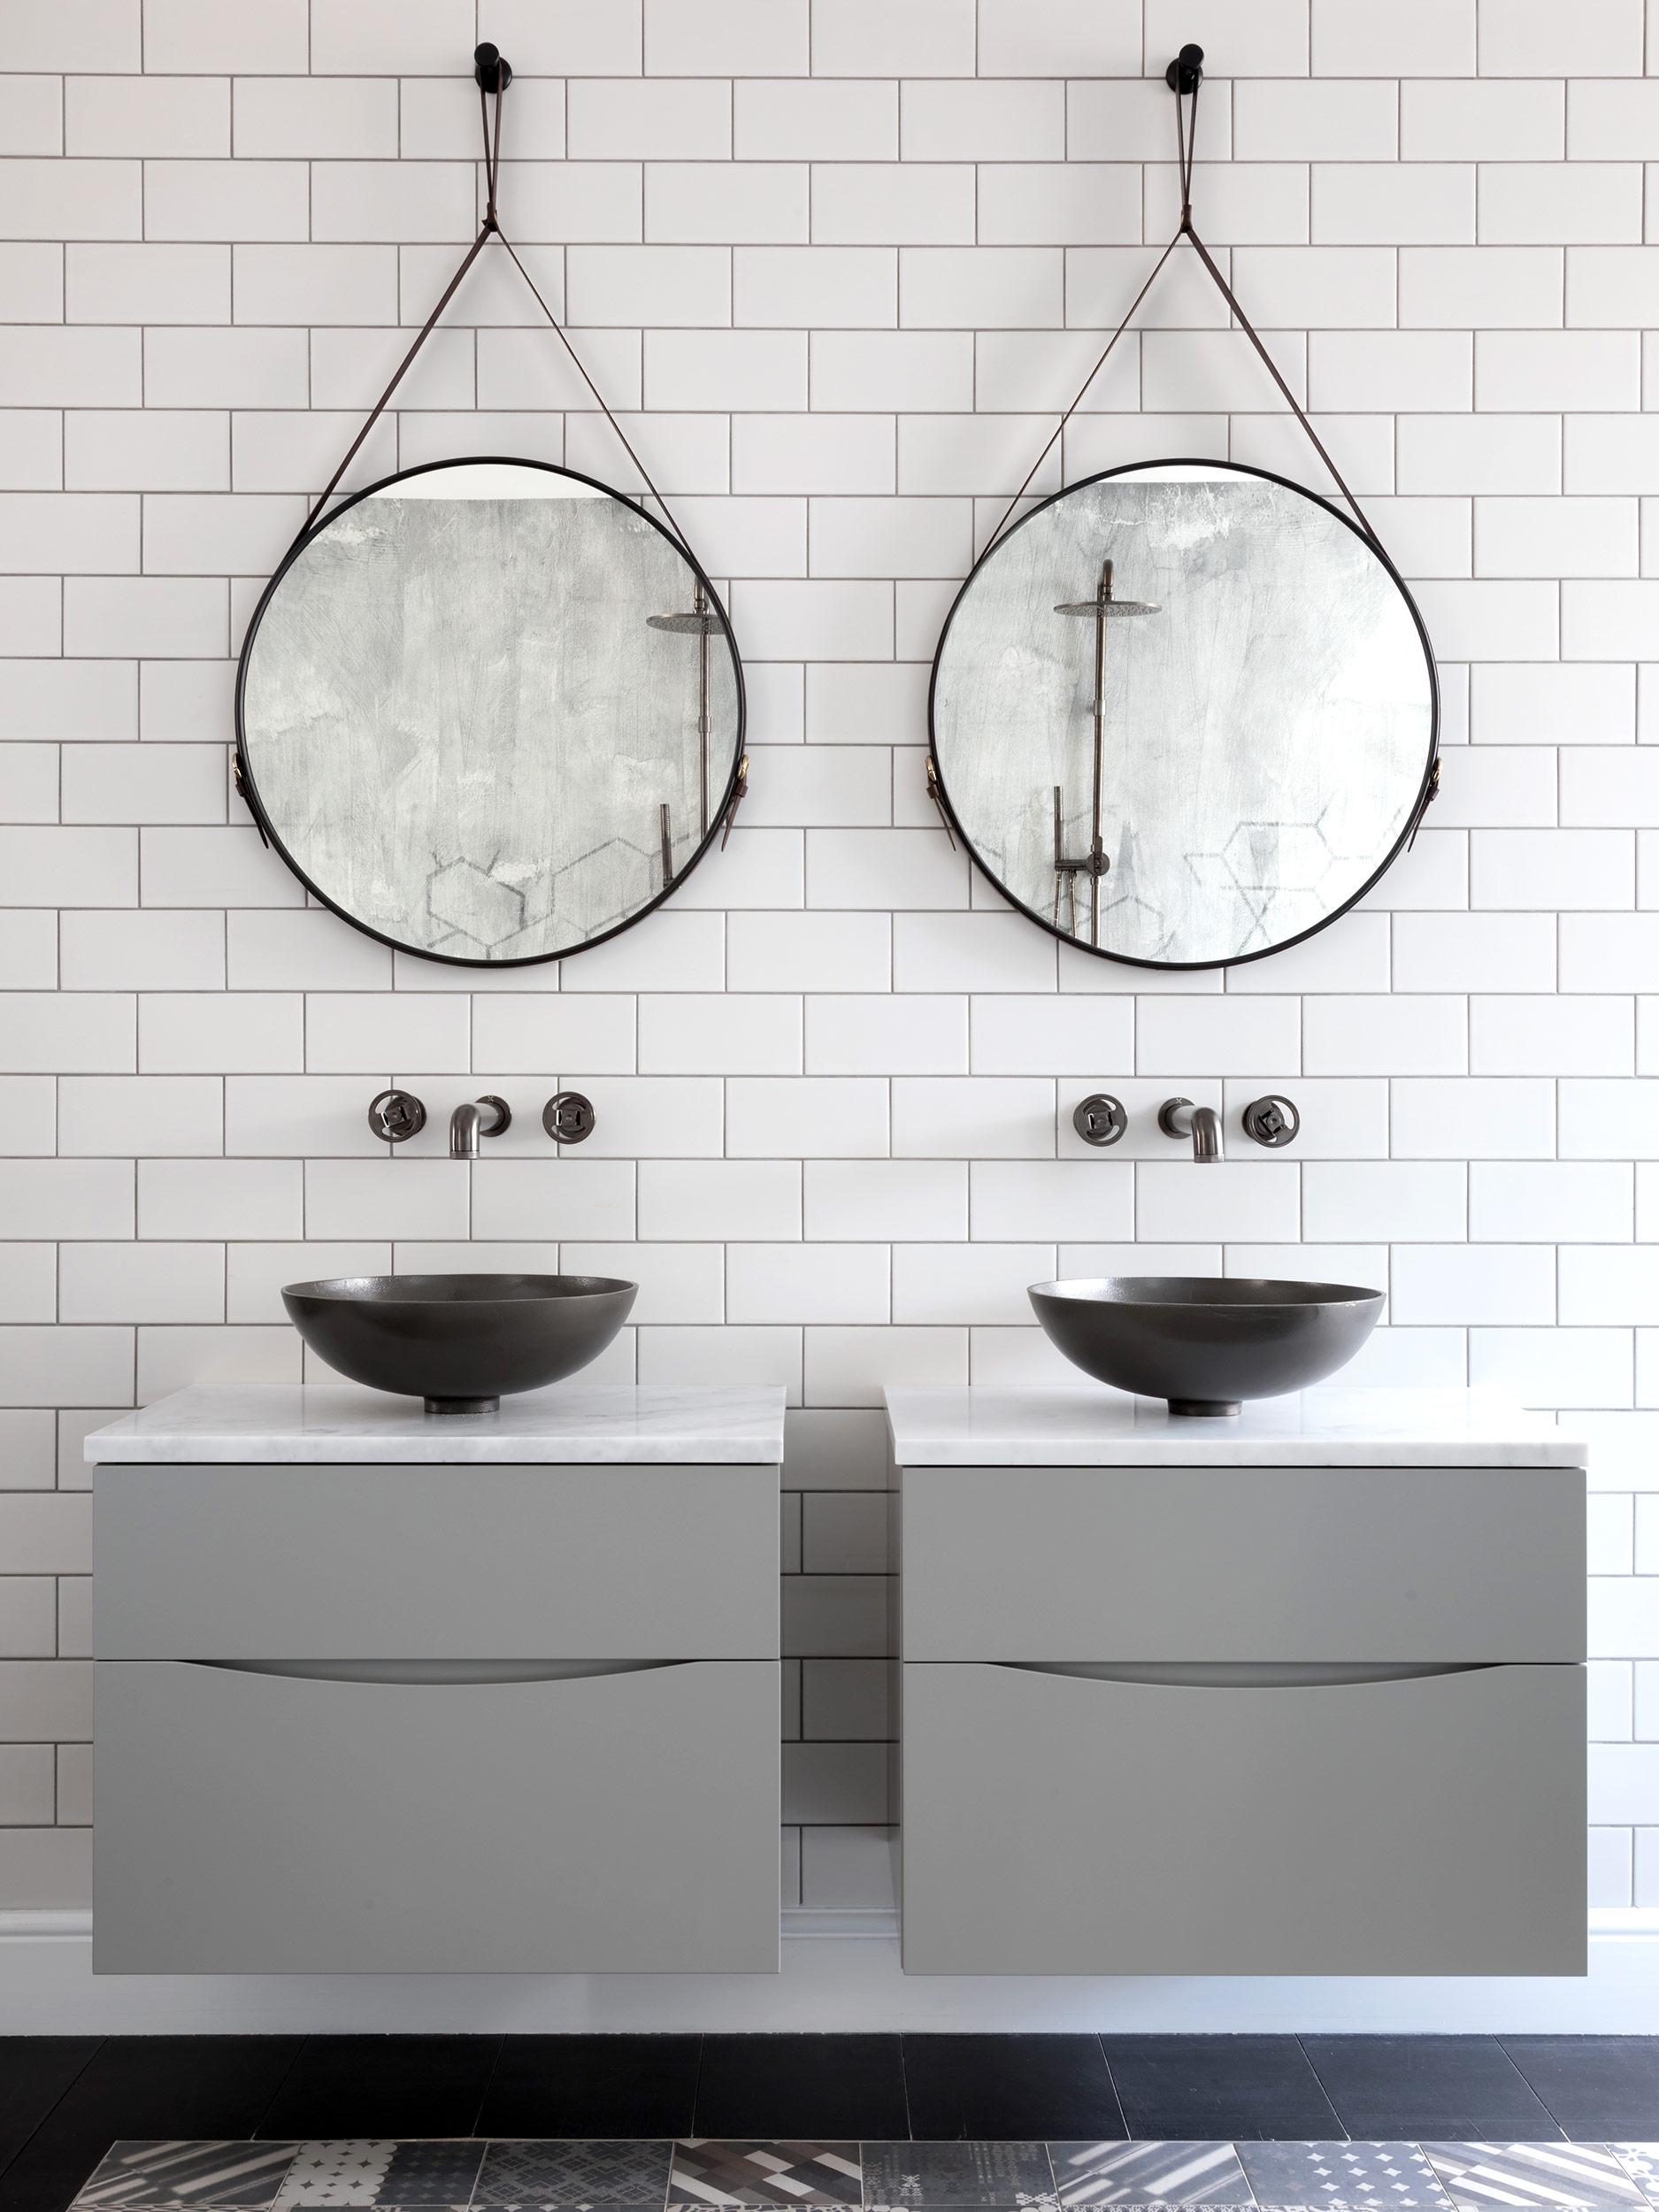 West One Bathrooms Kings Road Chelsea Showroom 7a